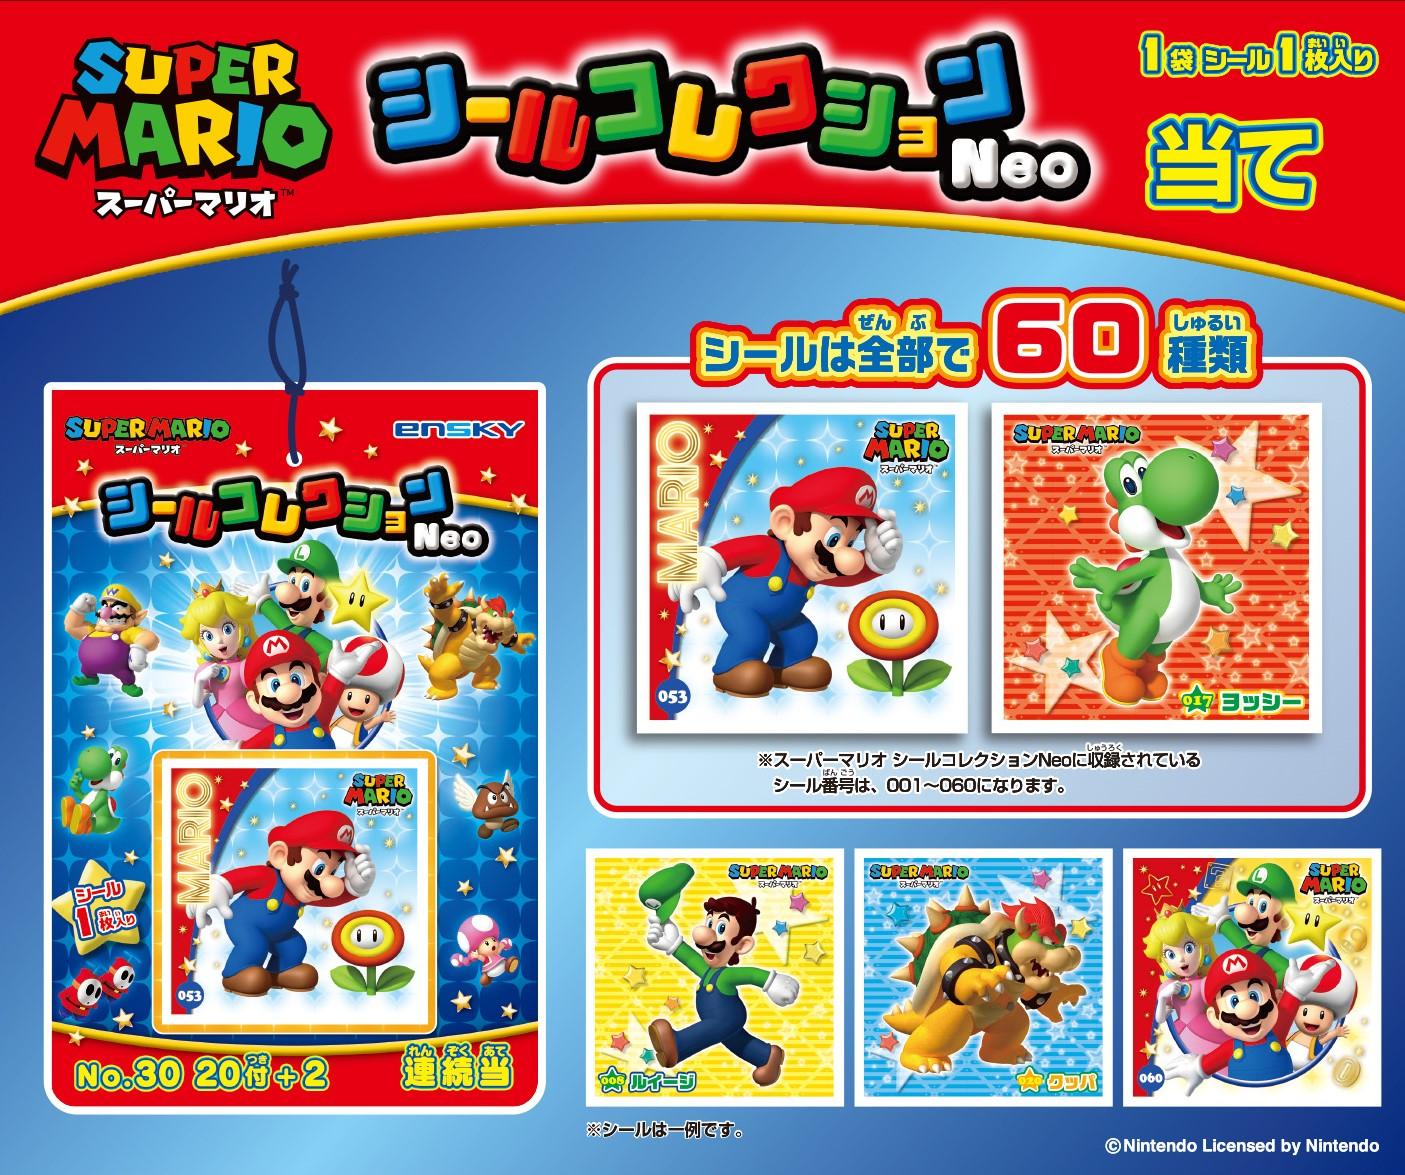 スーパーマリオ シールコレクションNeo 当て(20付)